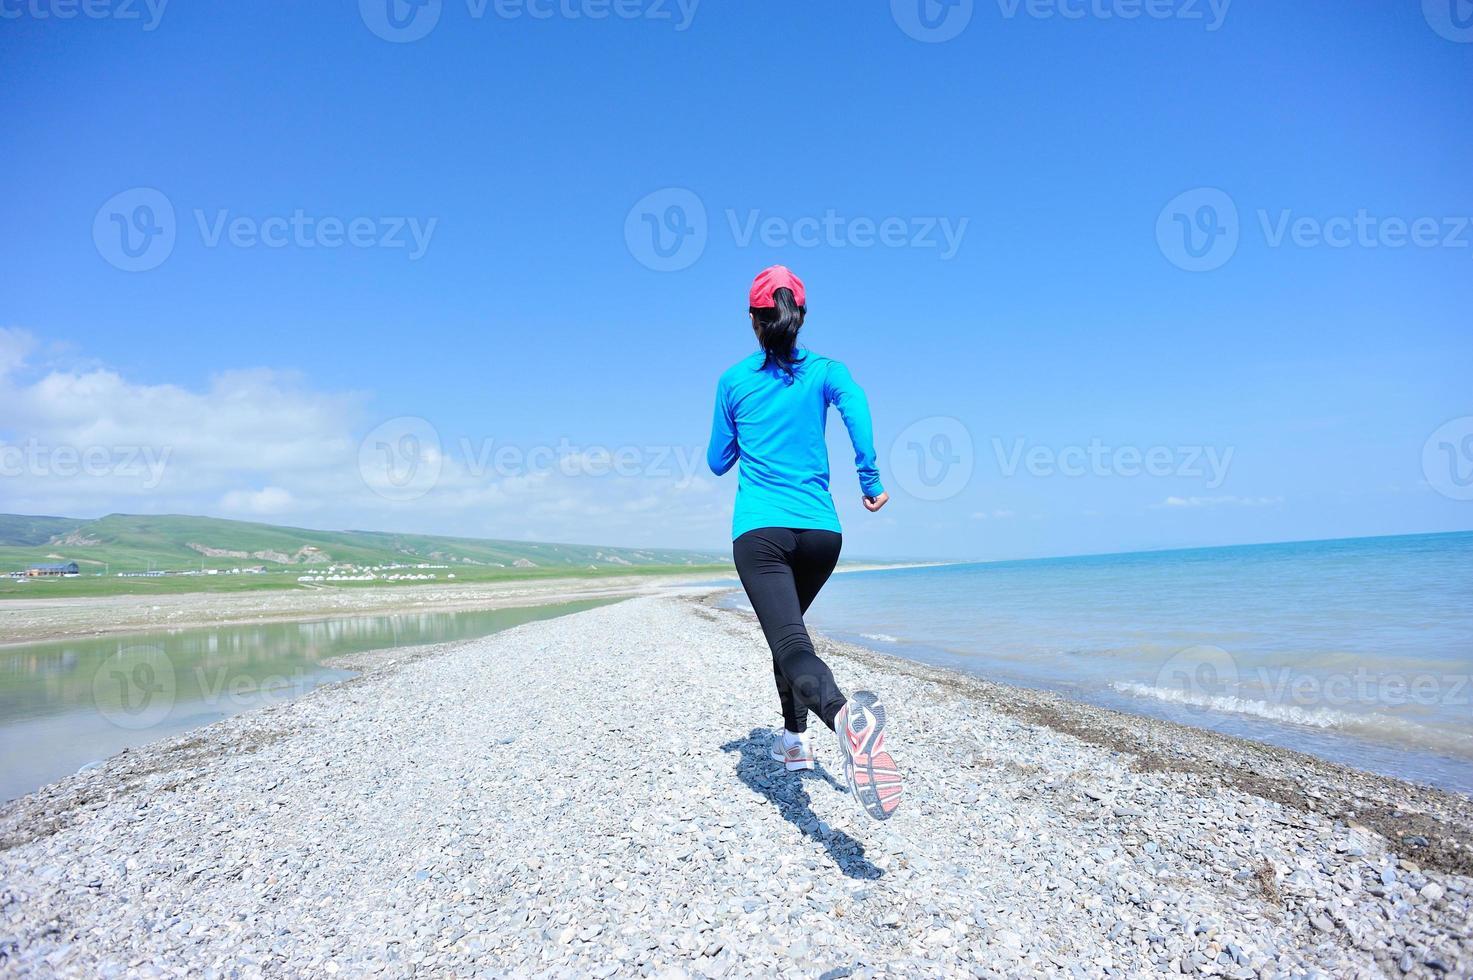 Läufer Athlet läuft am Meer foto